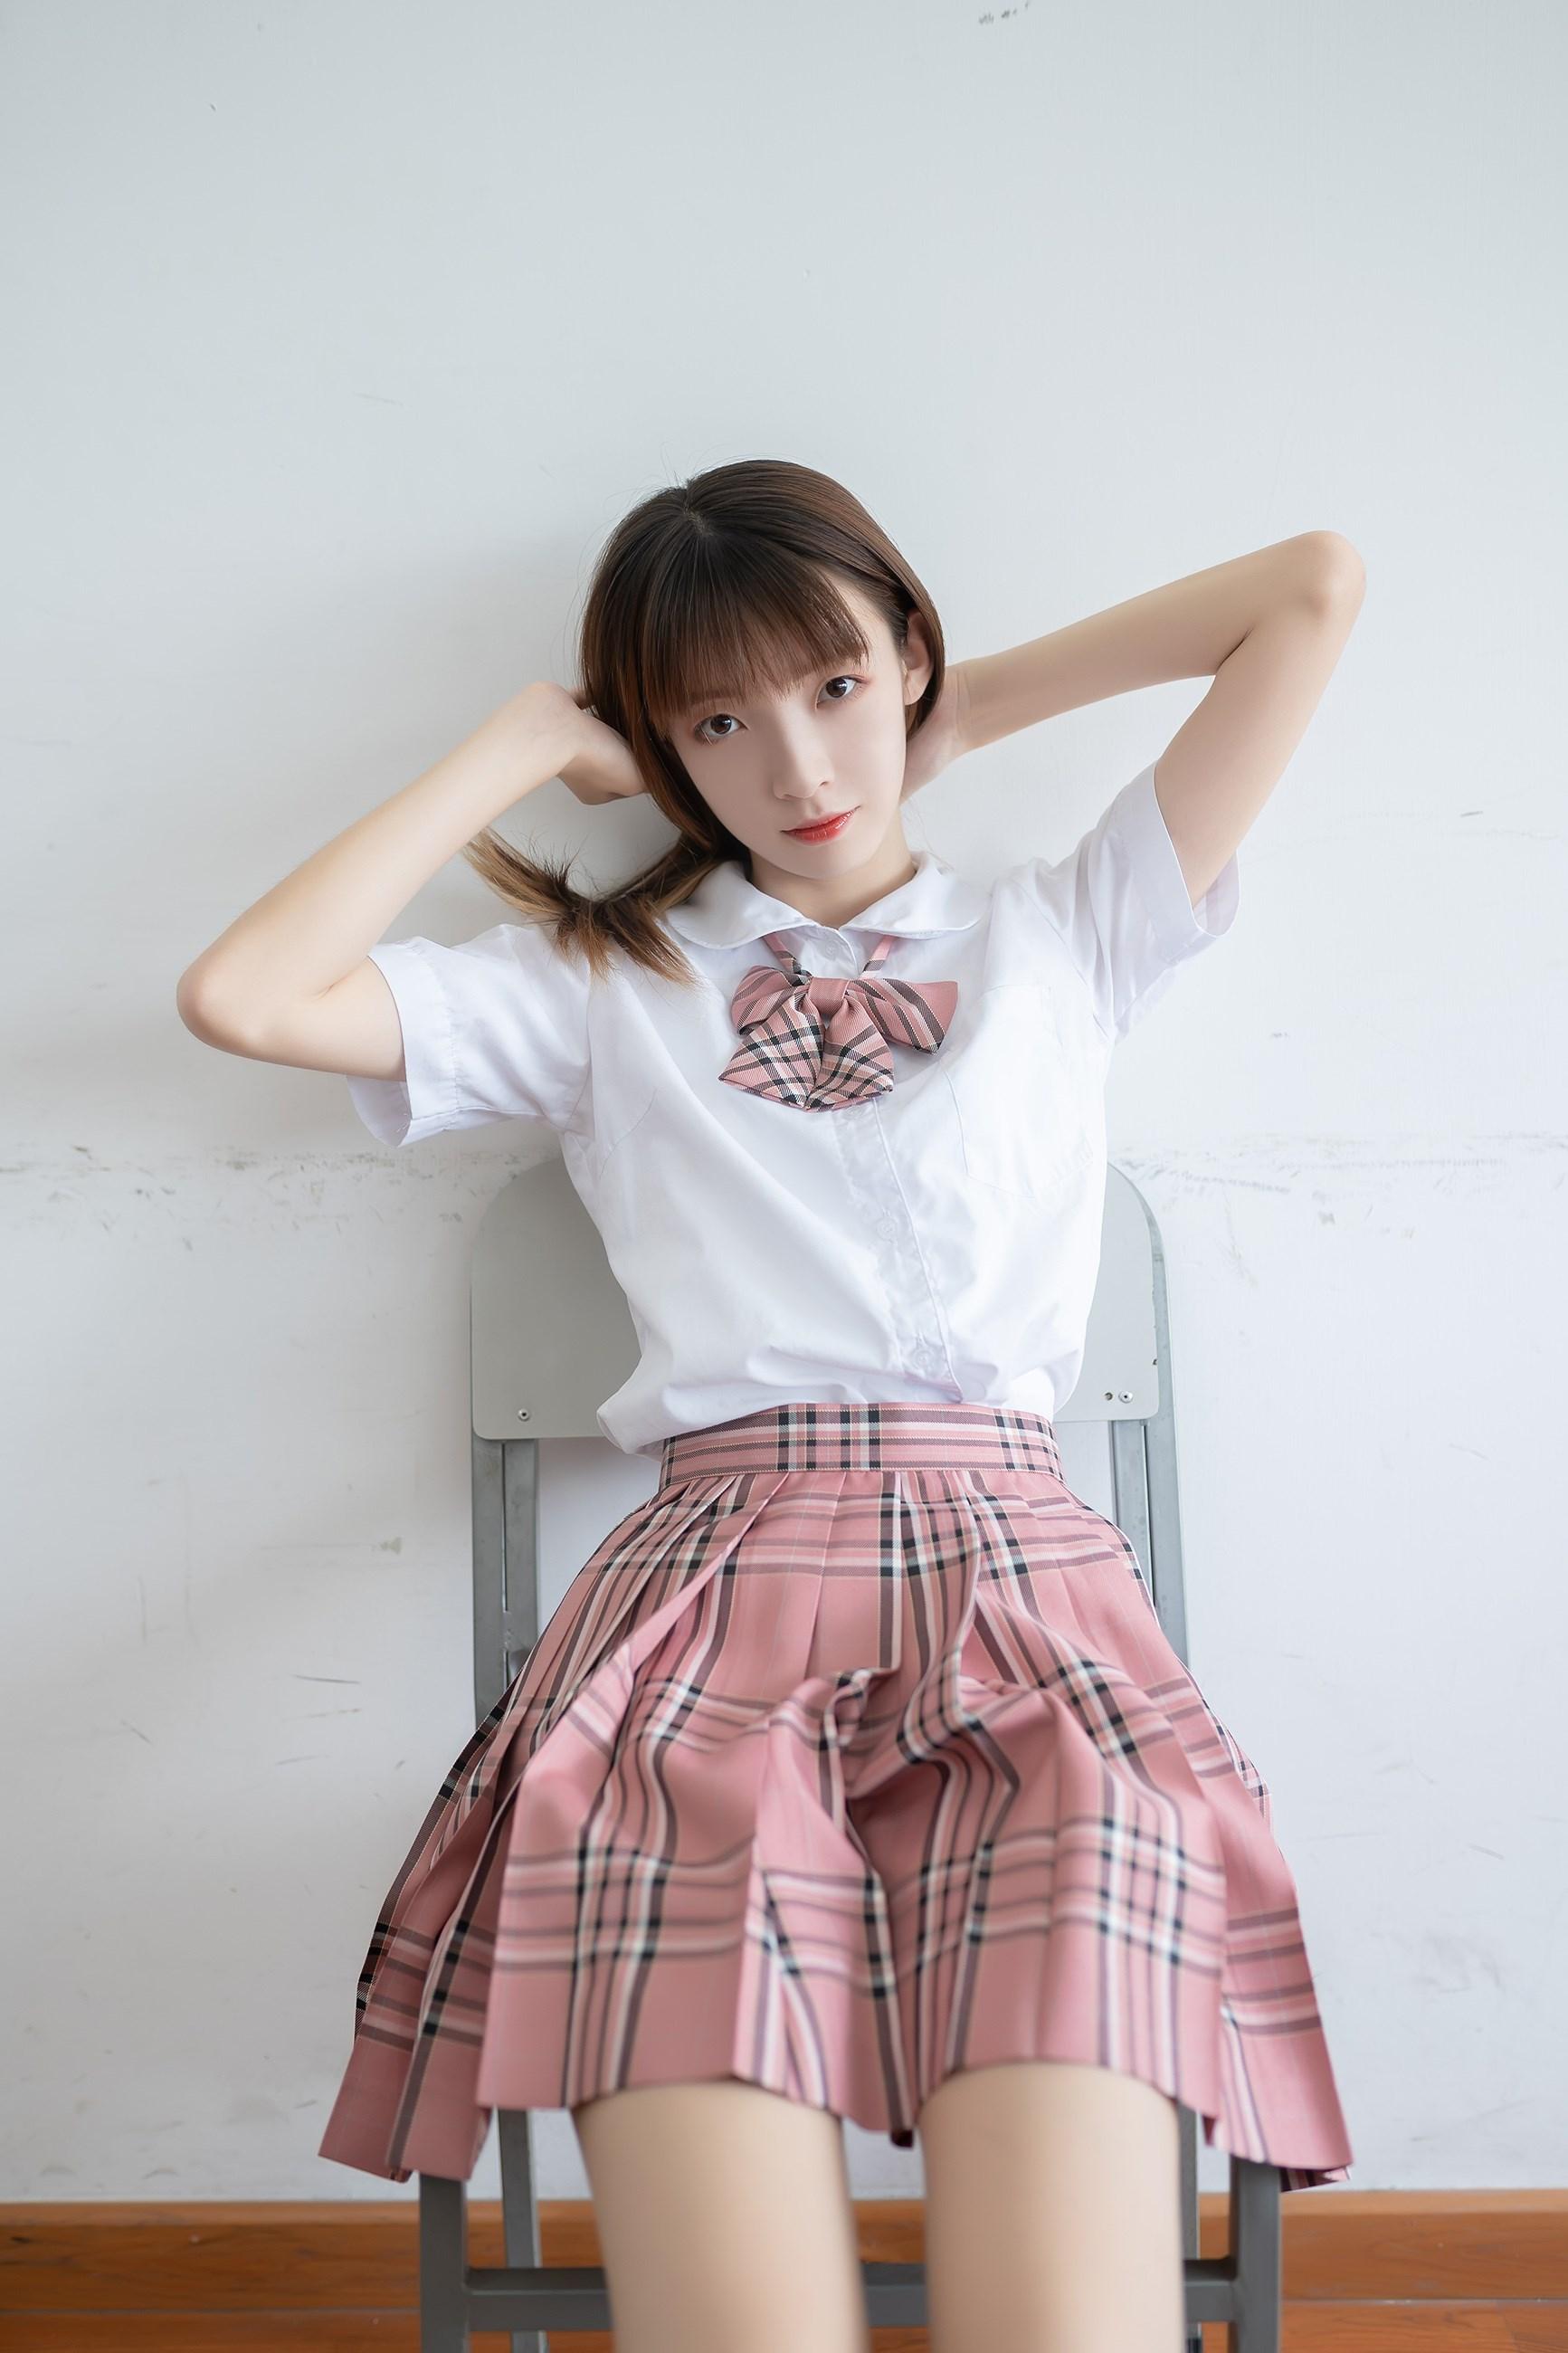 【兔玩映画】粉色格裙少女 兔玩映画 第35张